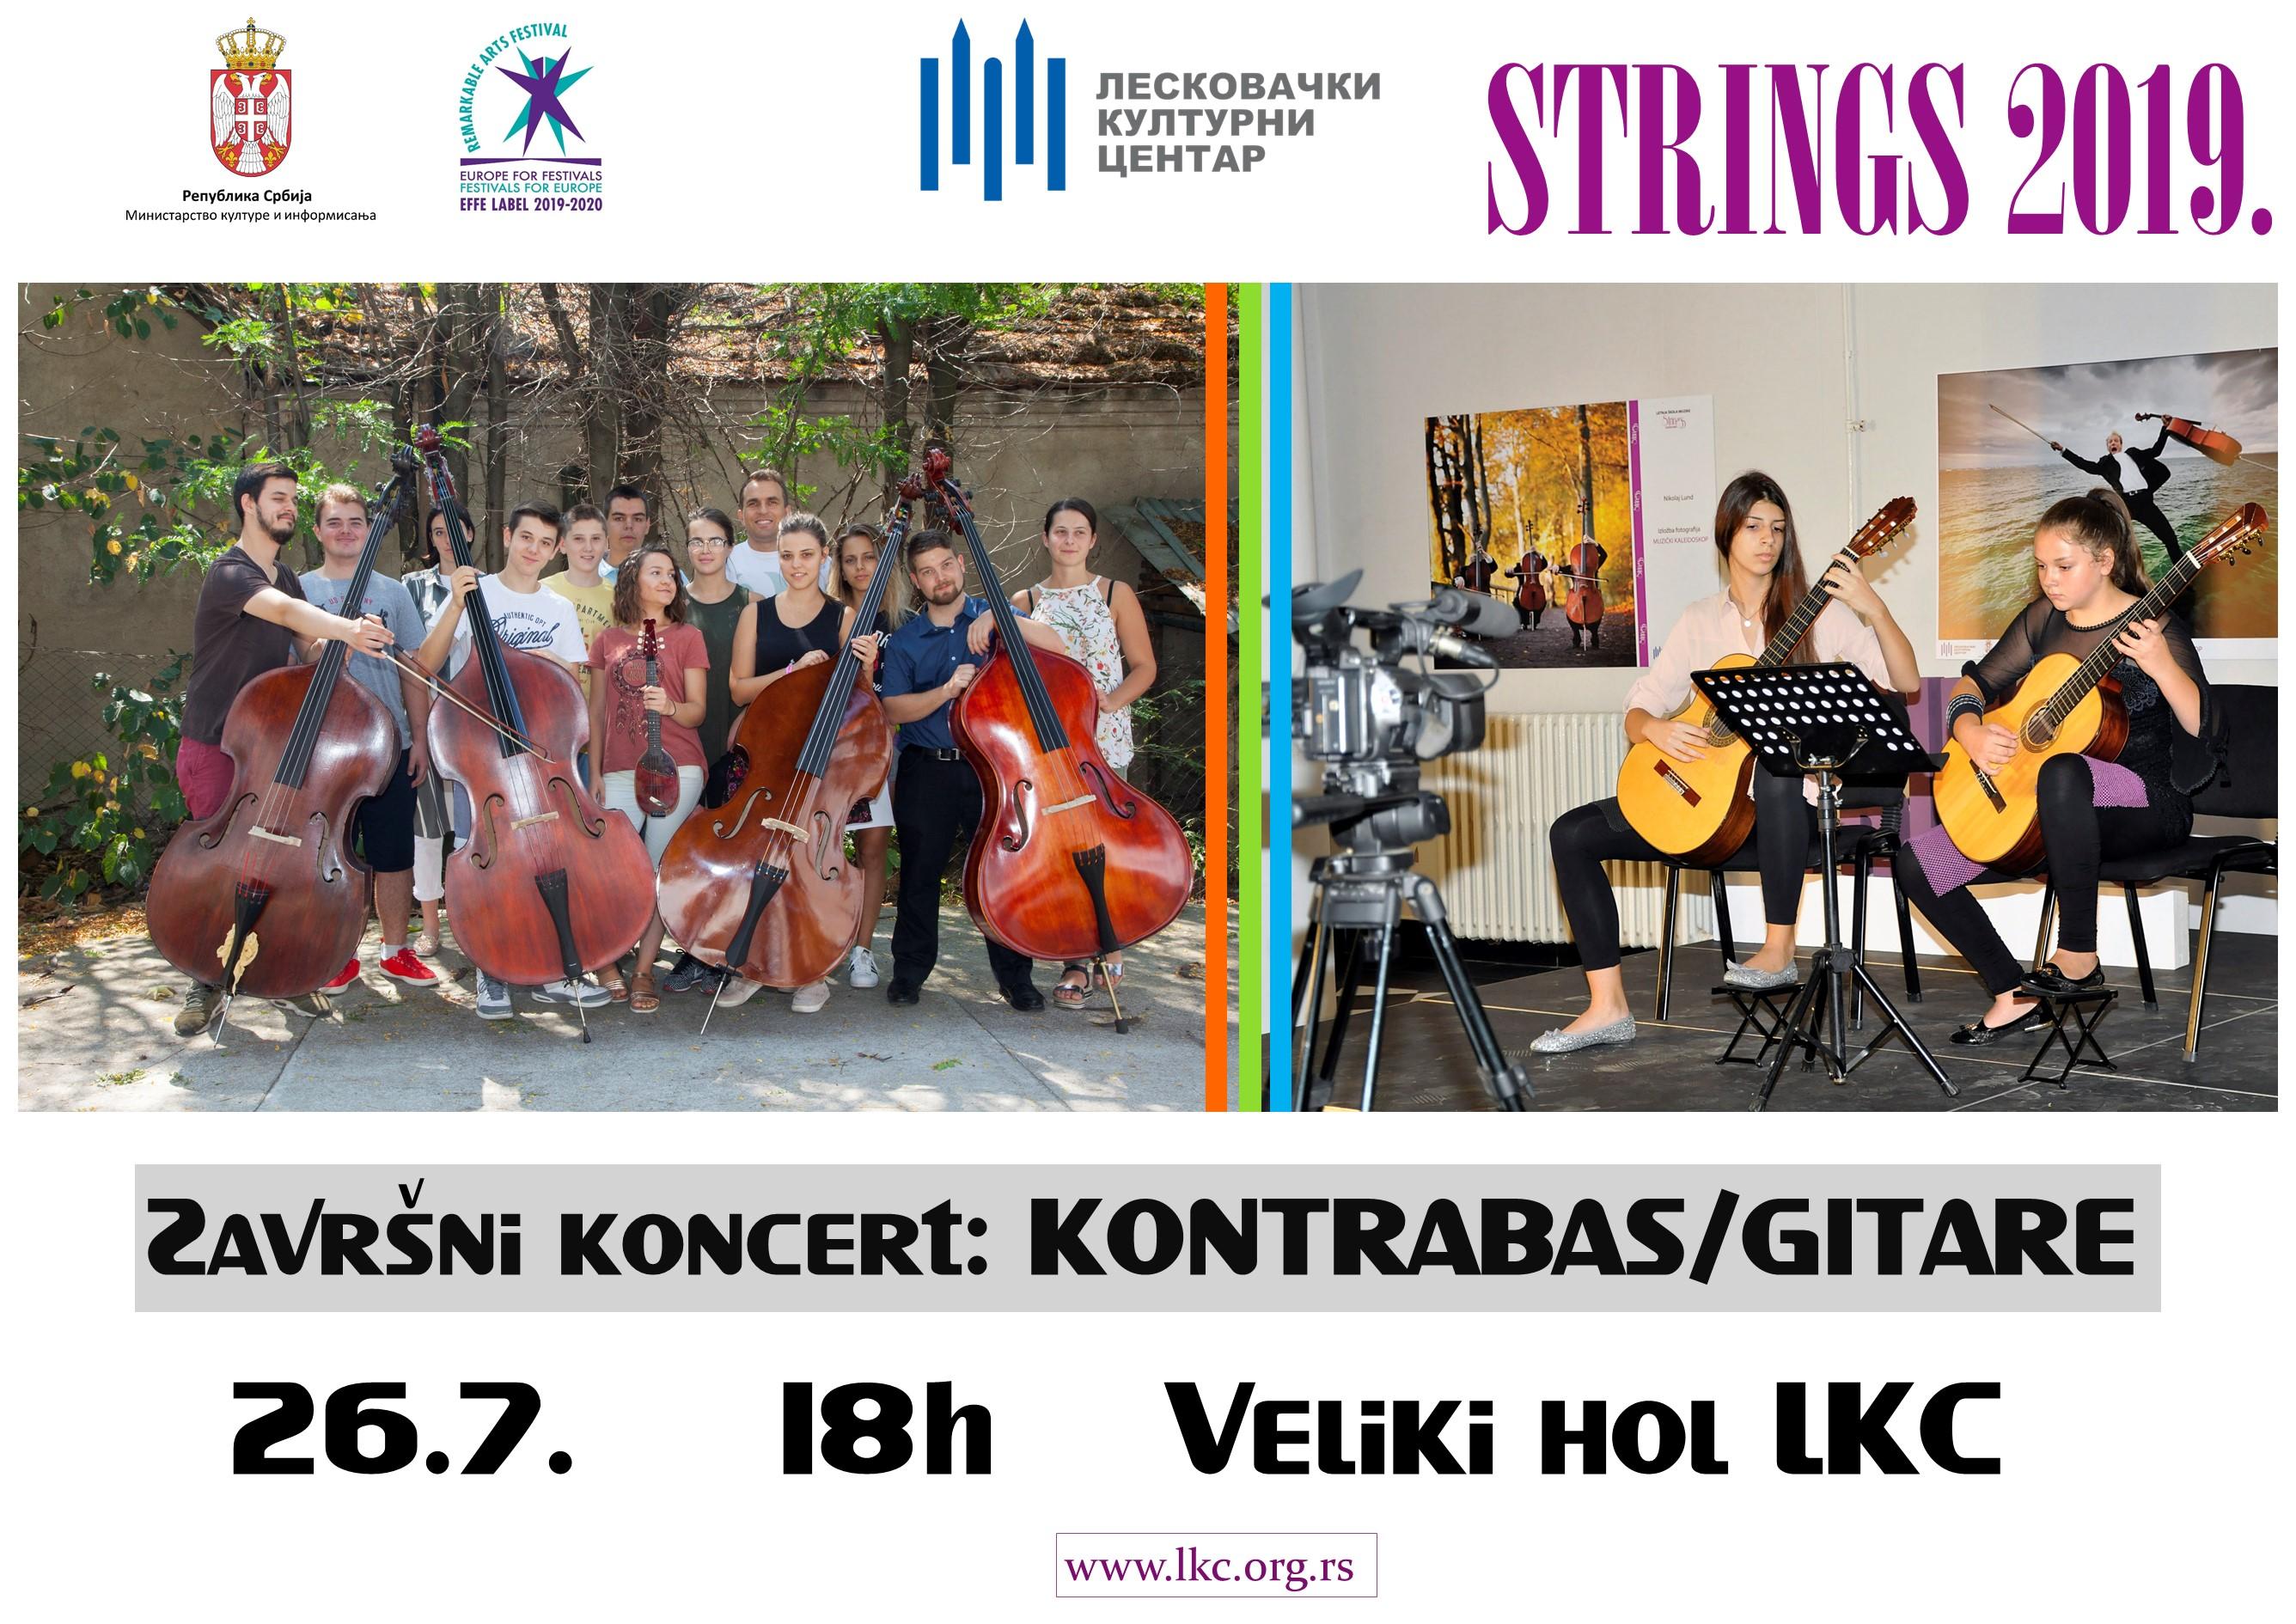 13. Zavrsni koncert KONTRABAS-GITARE B2